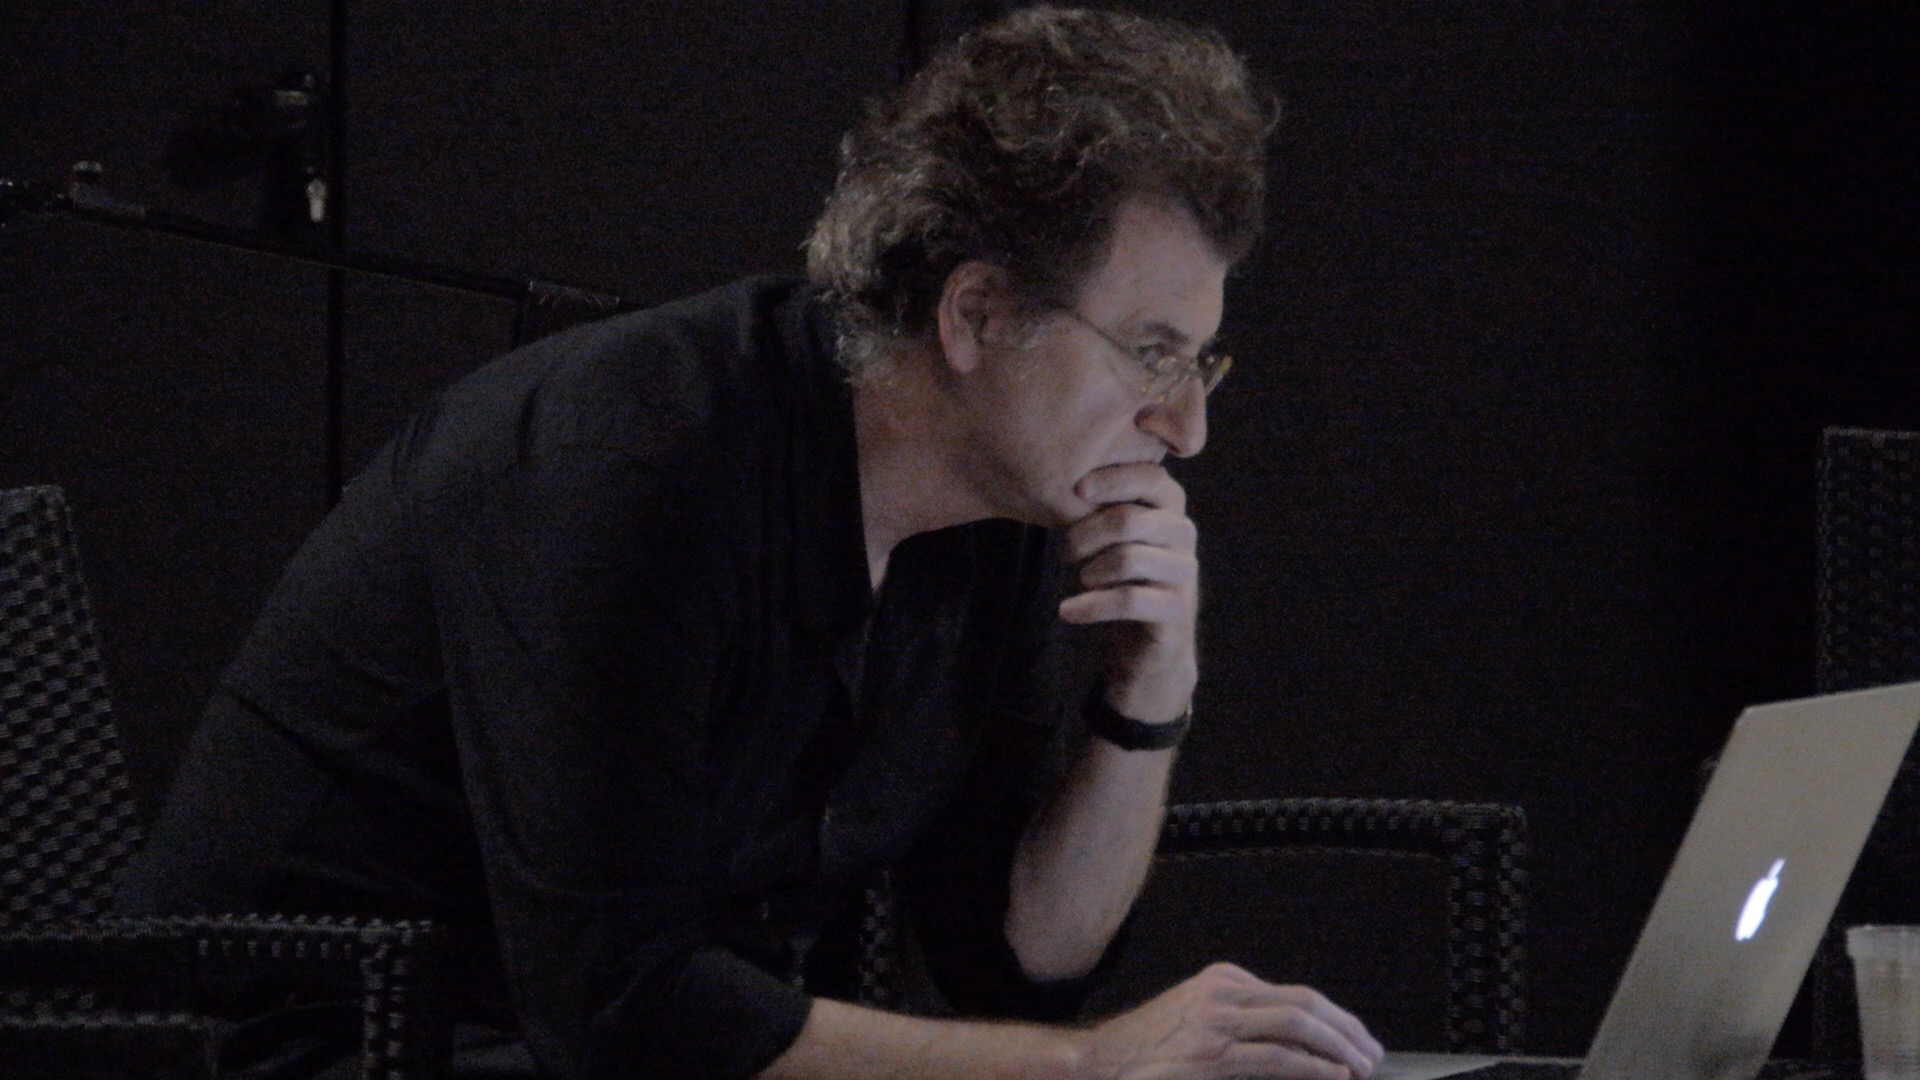 L'artista Alfredo Jaar durante il suo intervento a Camposud. Foto di Francesco Deplano